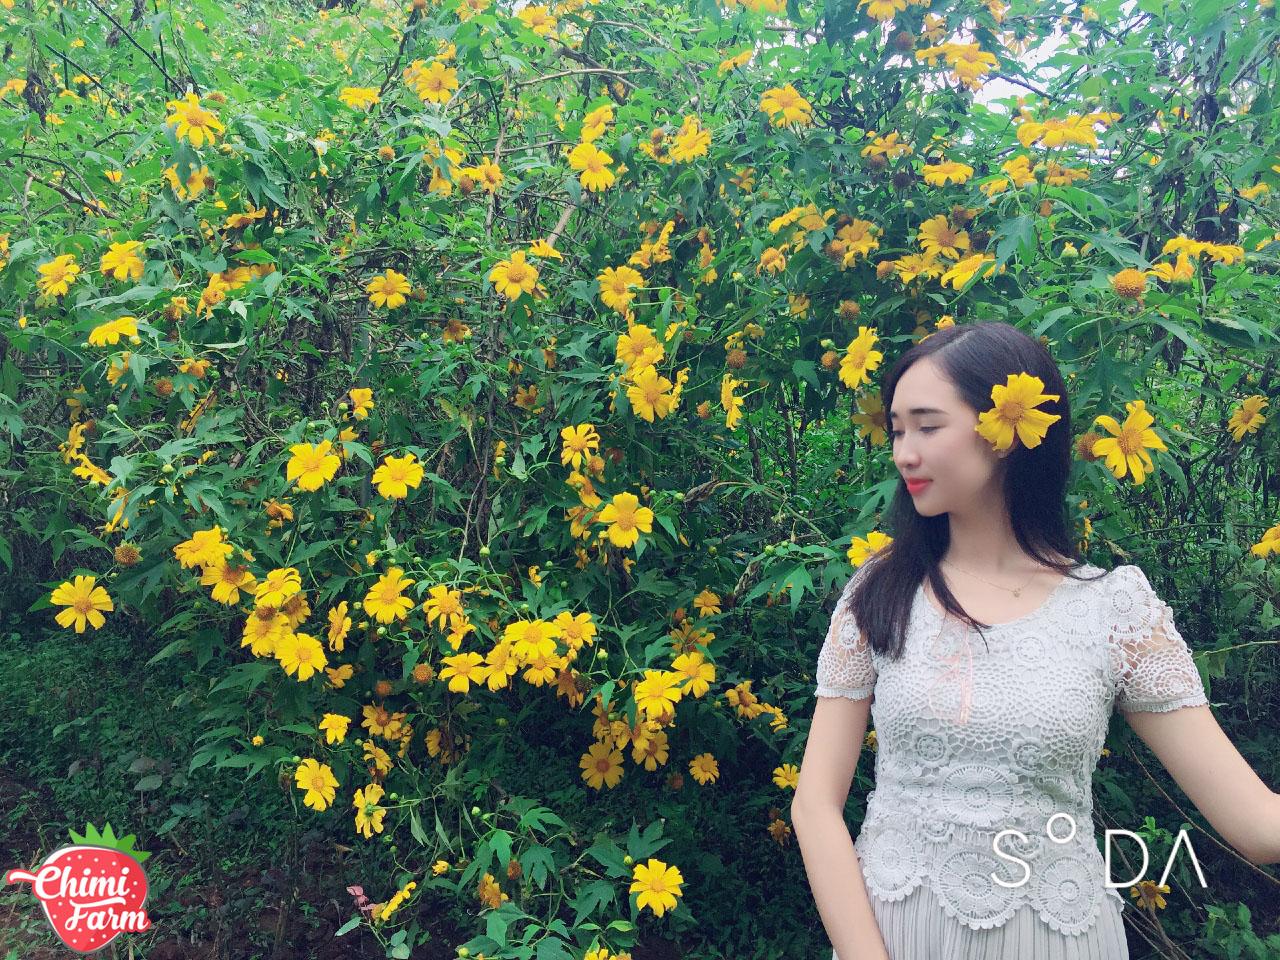 Hoa dã quỳ vàng rực giúp xua tan giá lạnh những ngày mùa đông